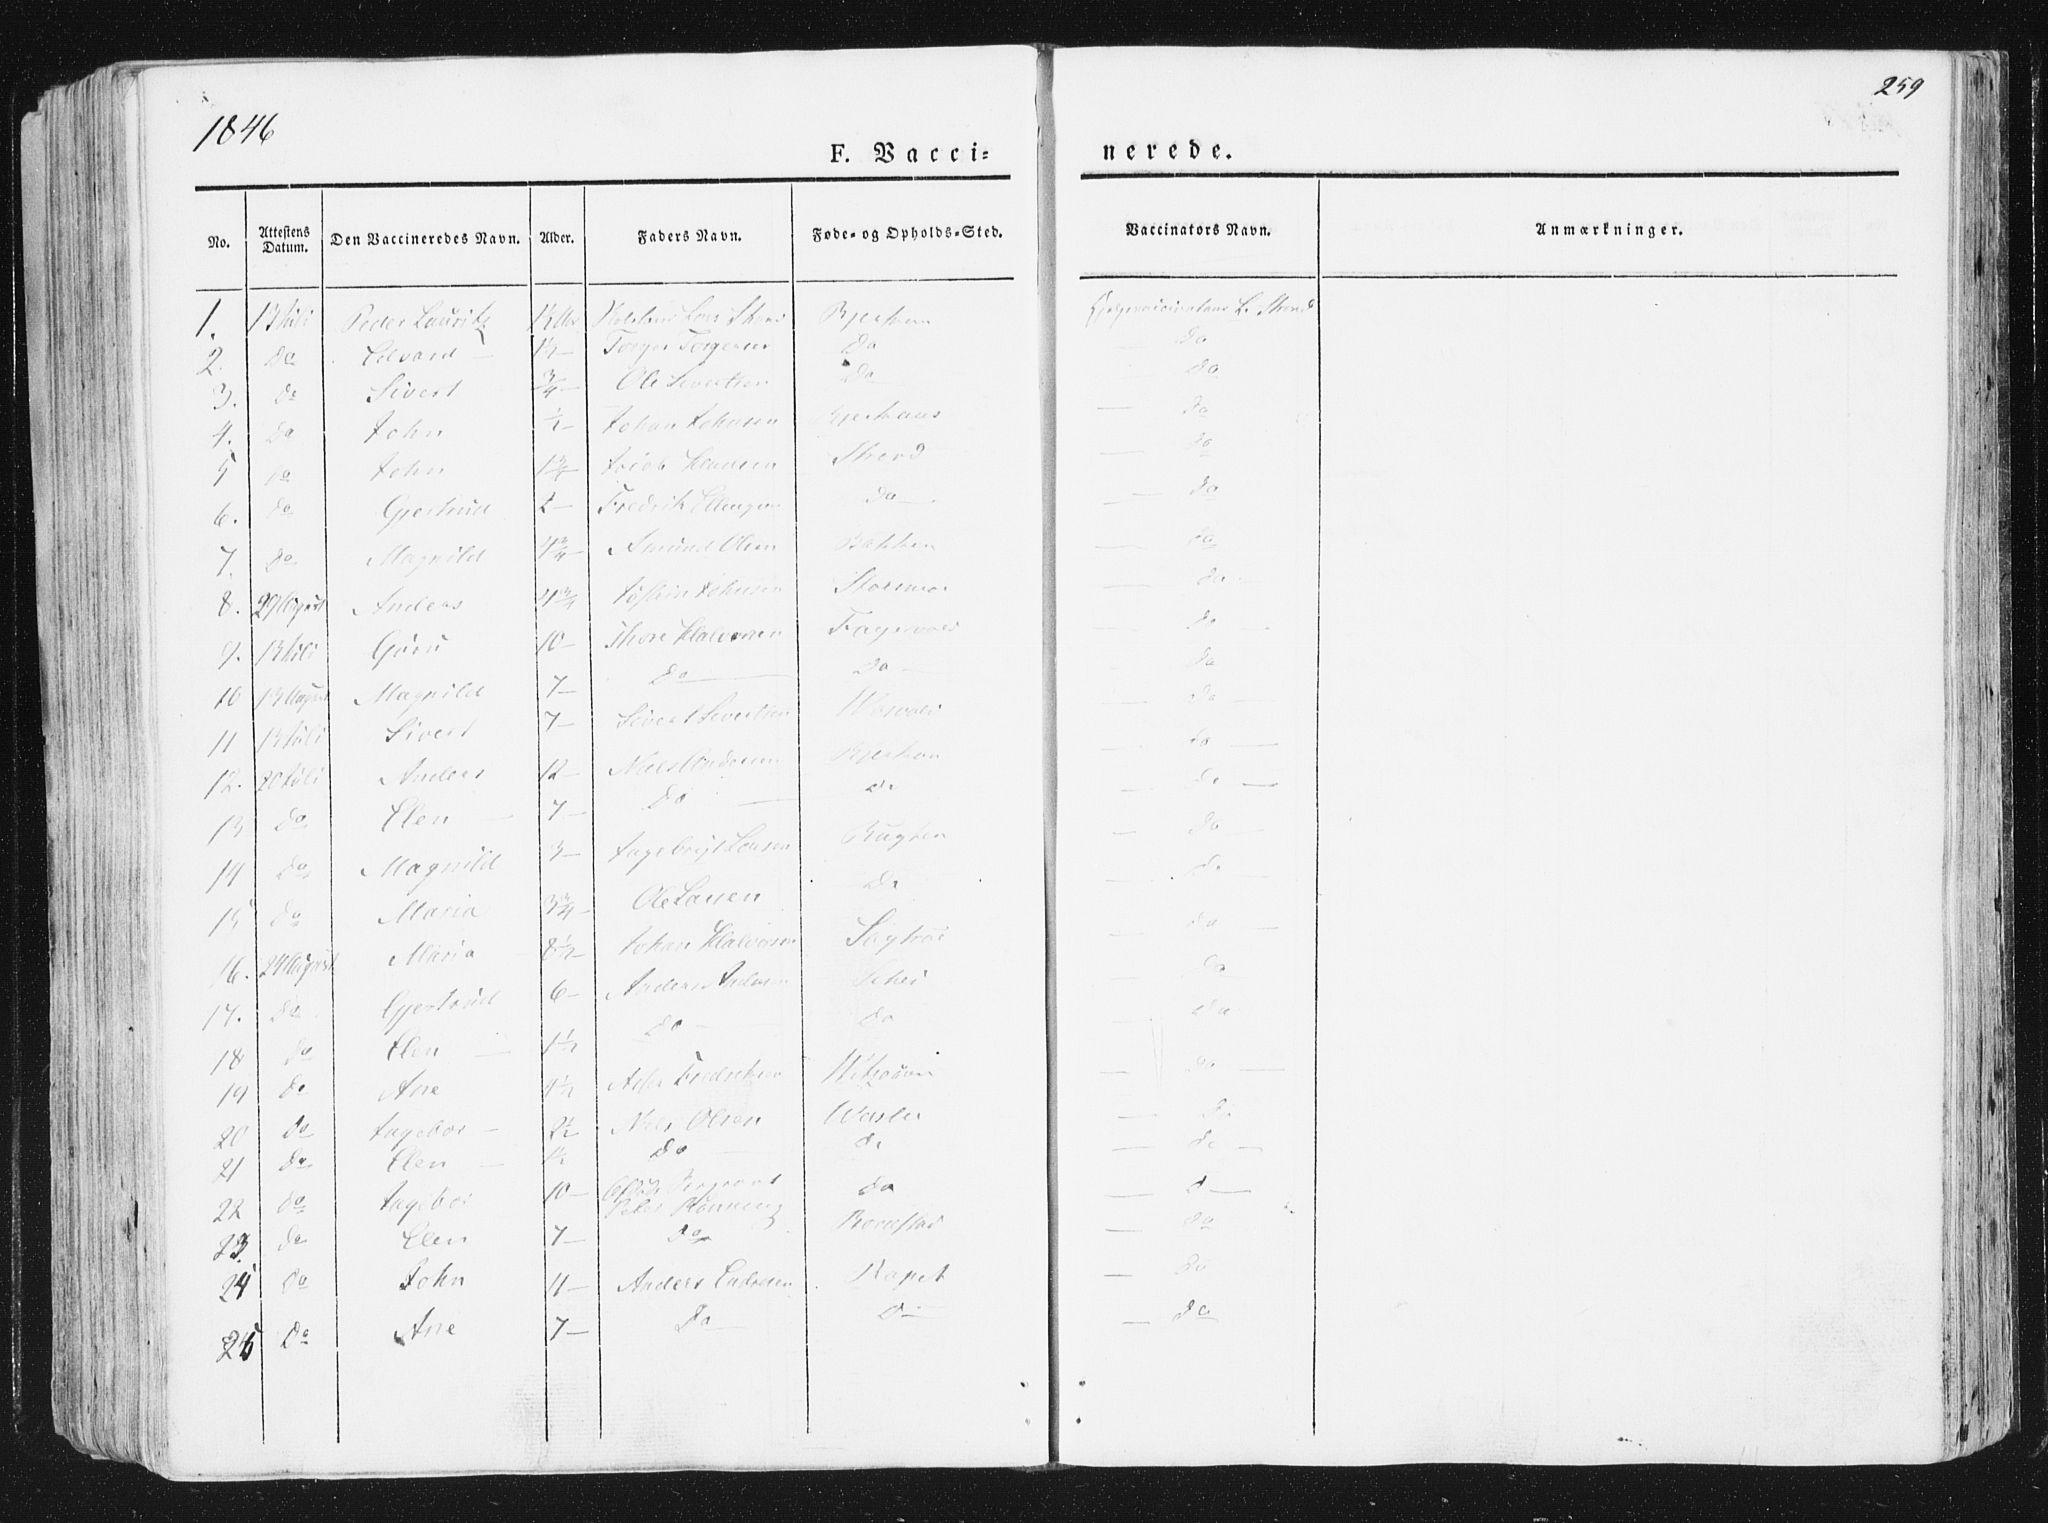 SAT, Ministerialprotokoller, klokkerbøker og fødselsregistre - Sør-Trøndelag, 630/L0493: Ministerialbok nr. 630A06, 1841-1851, s. 259